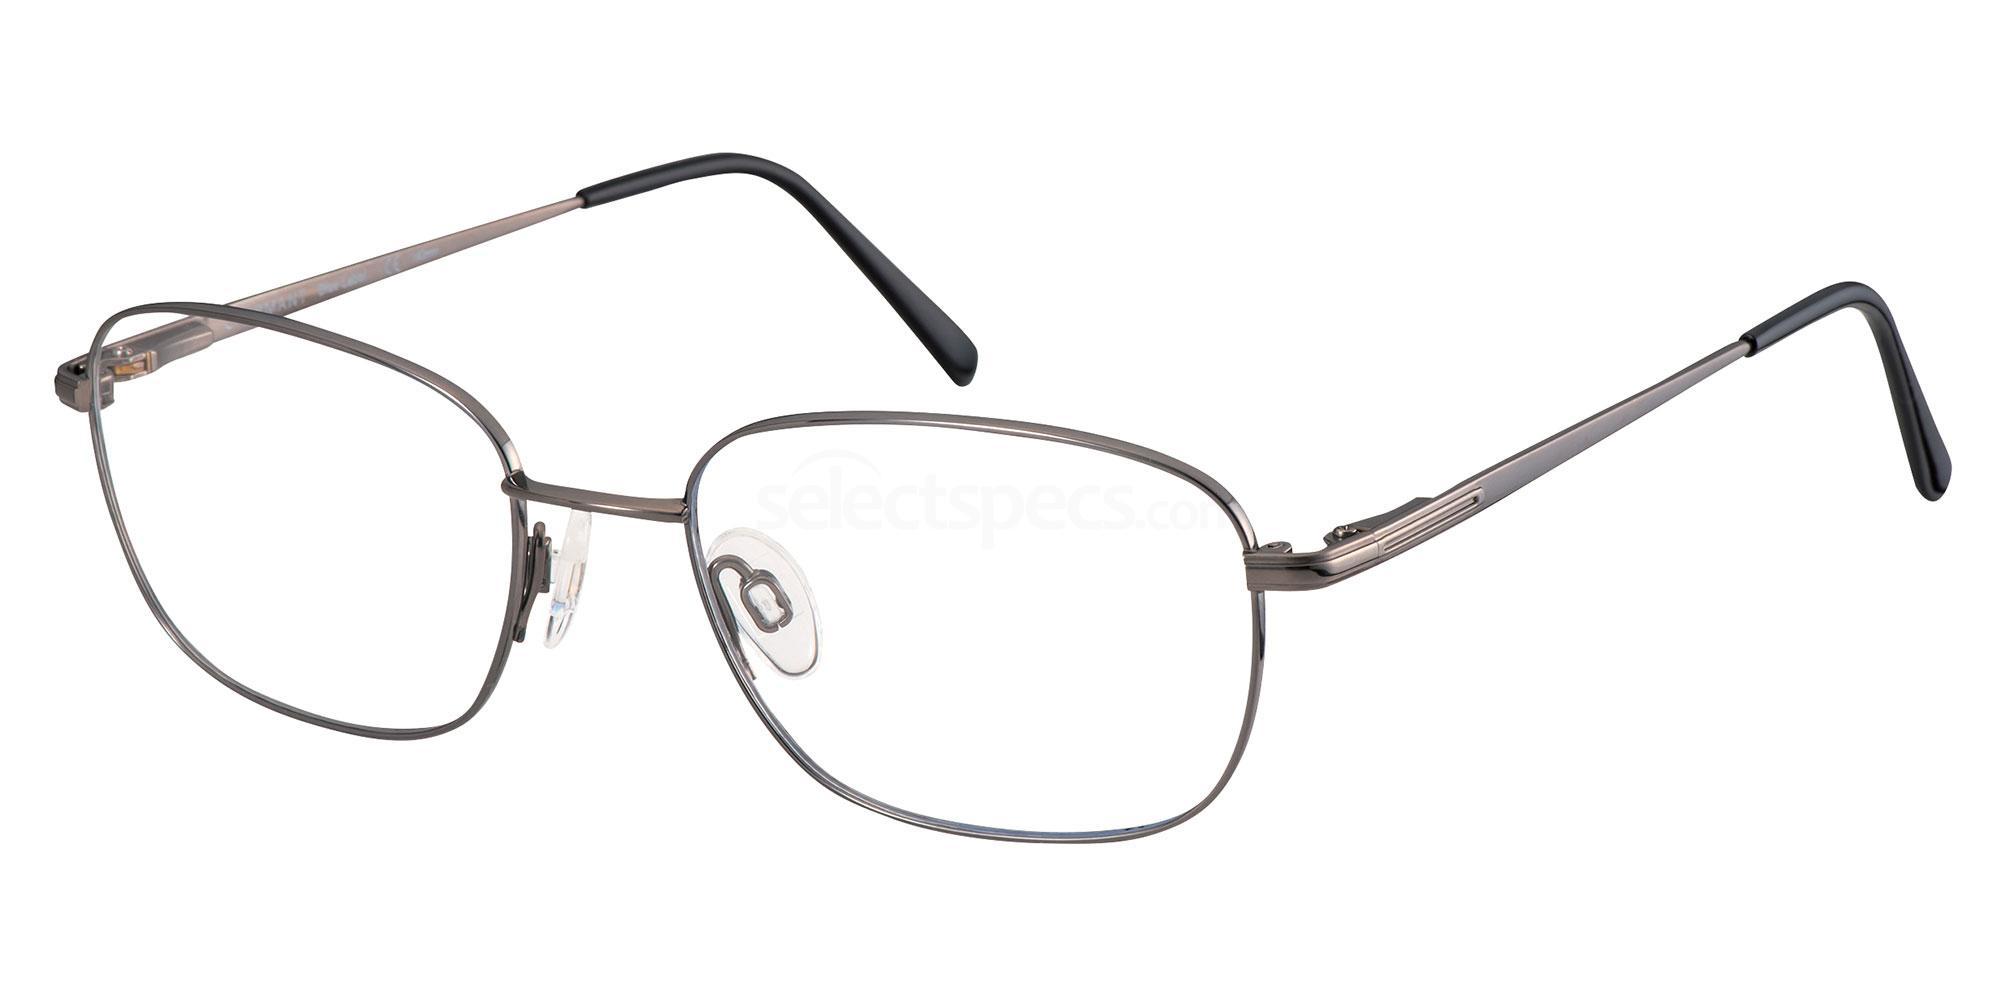 DG CH16124 Glasses, Charmant Blue Label